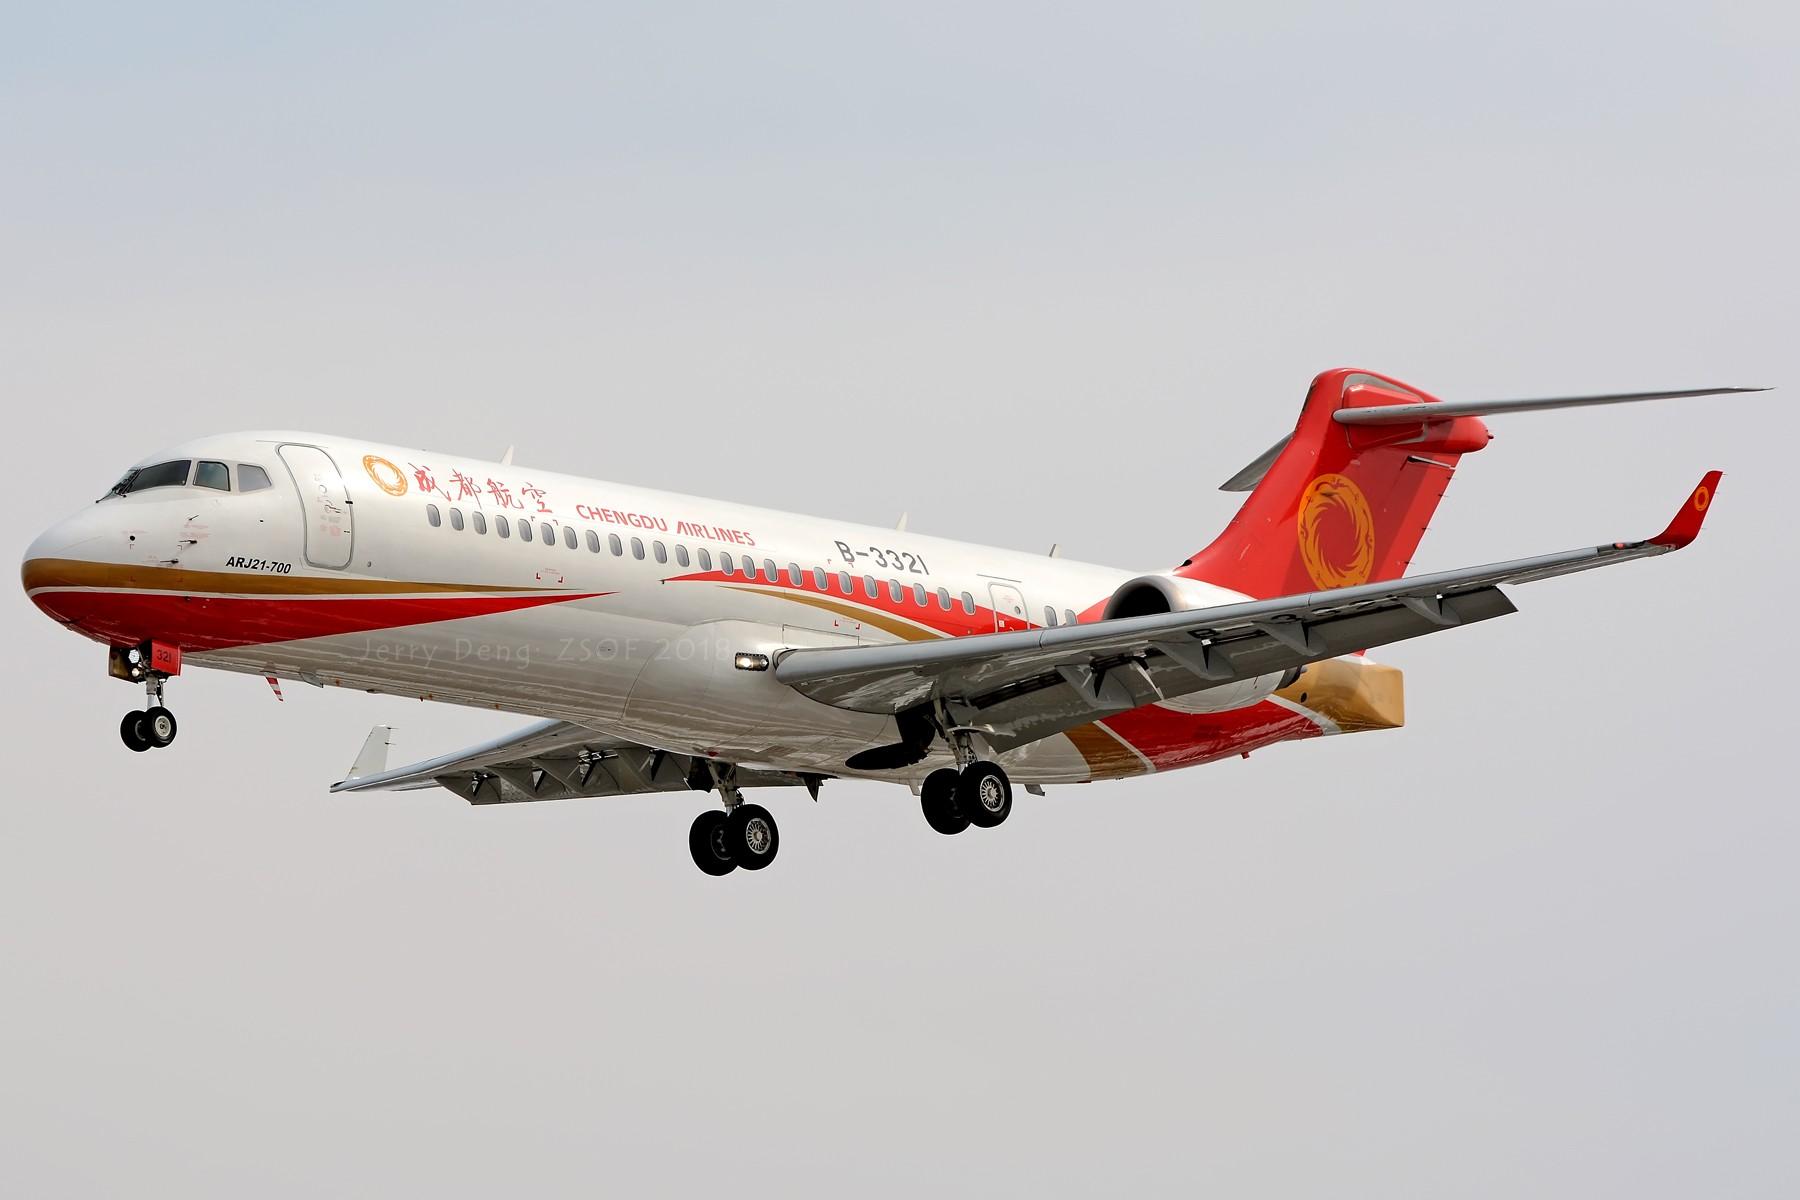 【一图党】阿娇 COMAC ARJ21-700 B-3321 中国合肥新桥国际机场